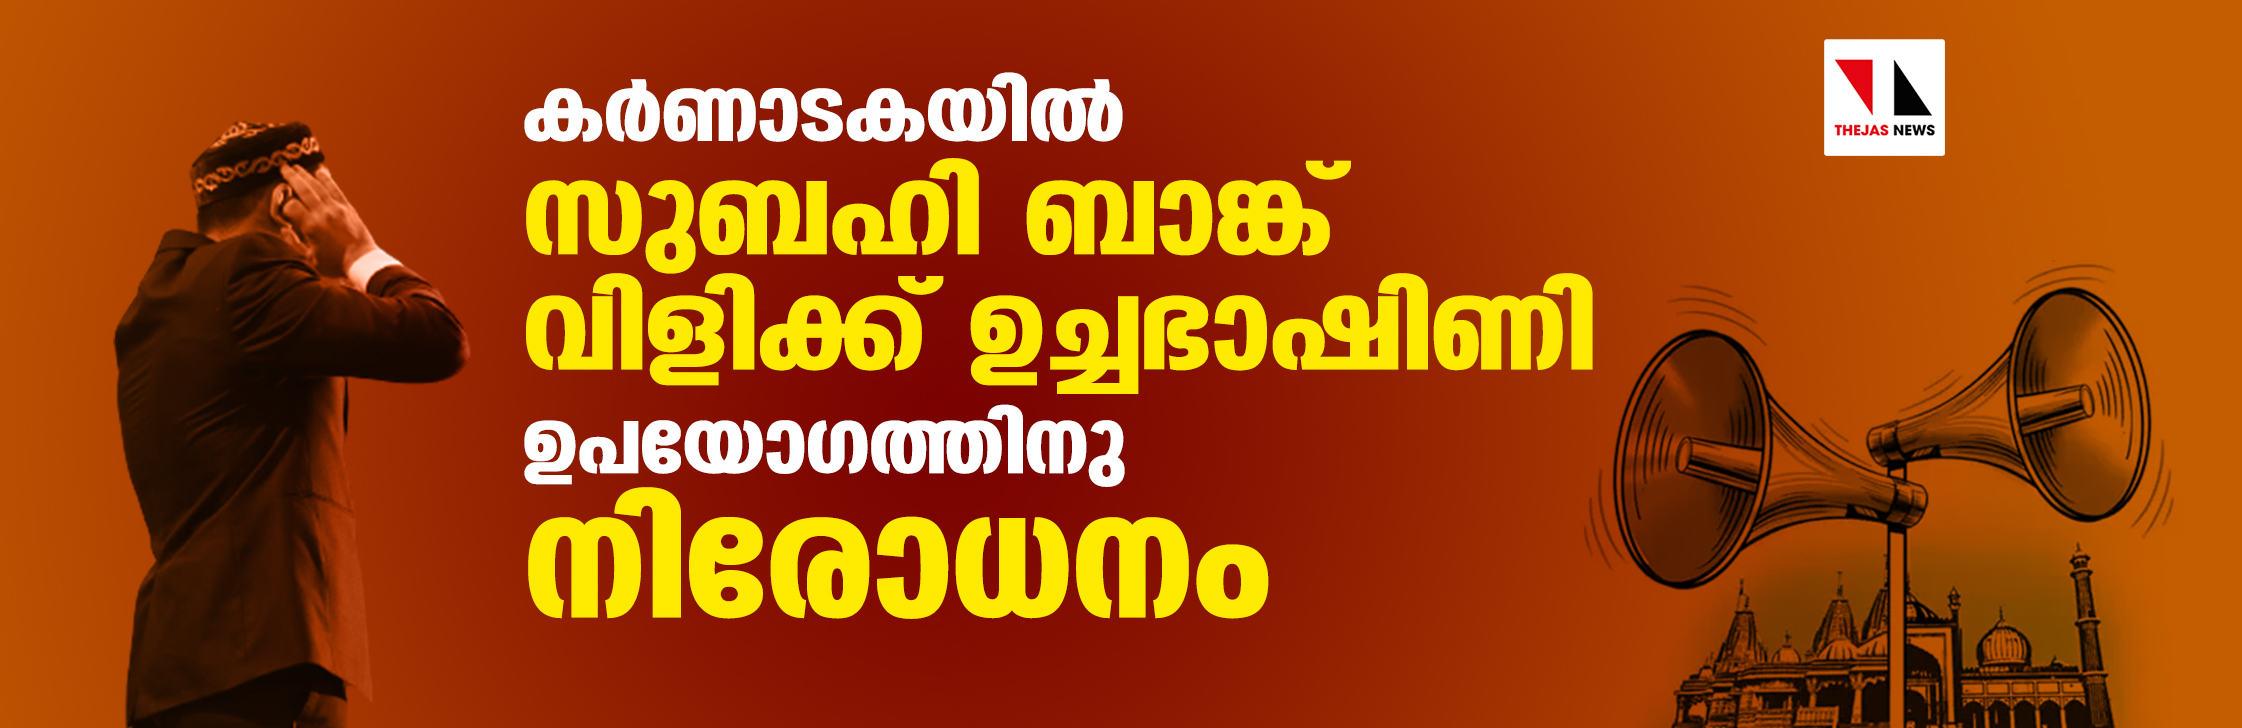 കര്ണാടകയില് സുബഹി ബാങ്ക് വിളിക്ക് ഉച്ചഭാഷിണി ഉപയോഗത്തിനു നിരോധനം